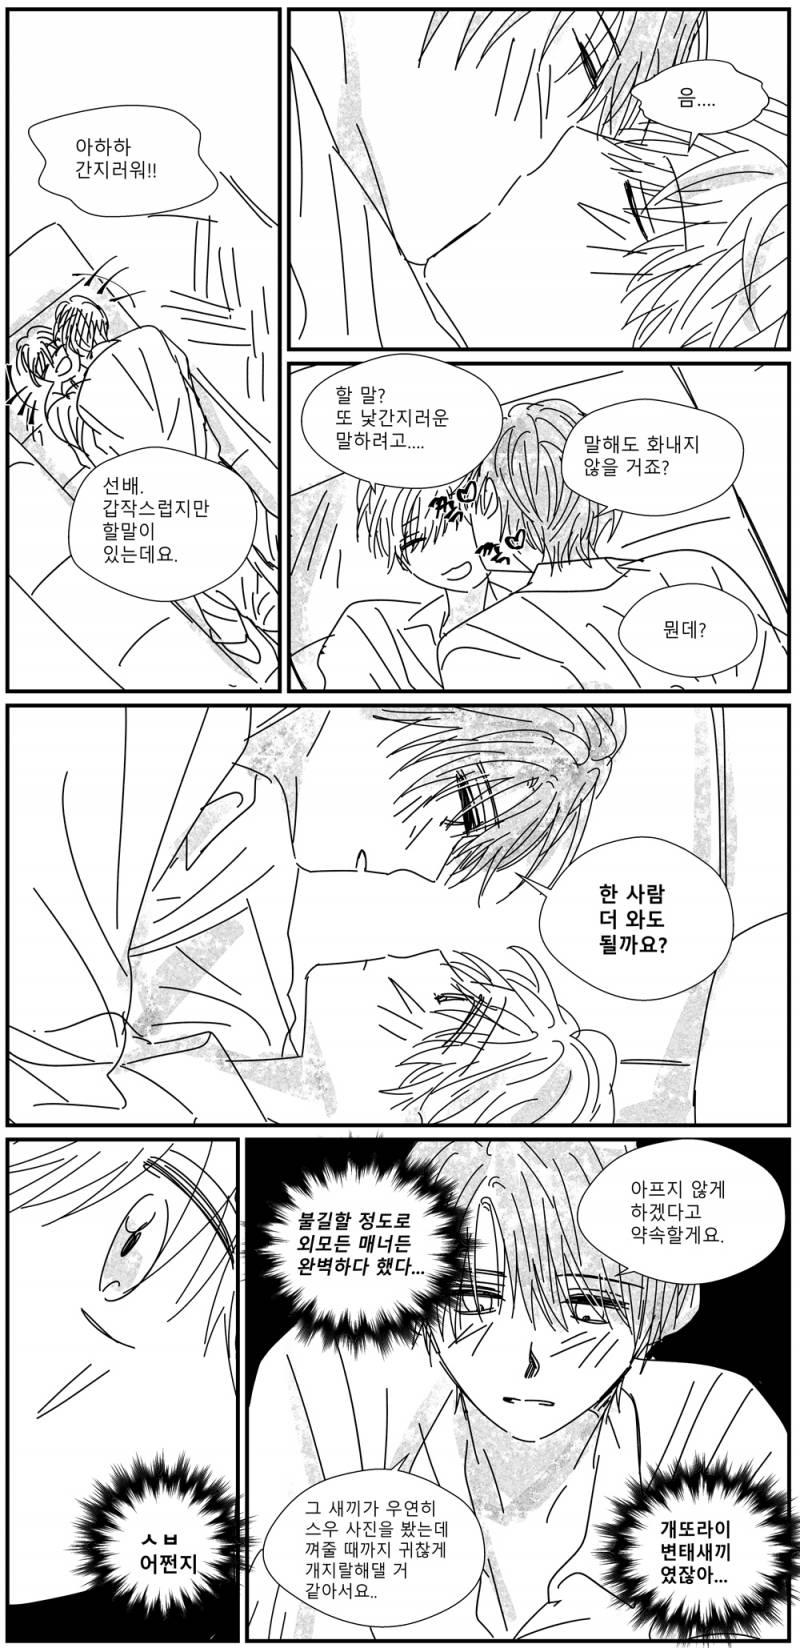 ㄱ 와 미쳣다 용비국 작가님이 고딩버전 3p(?) 만화 그려주심 ㅌㅌㅌㅋ   인스티즈